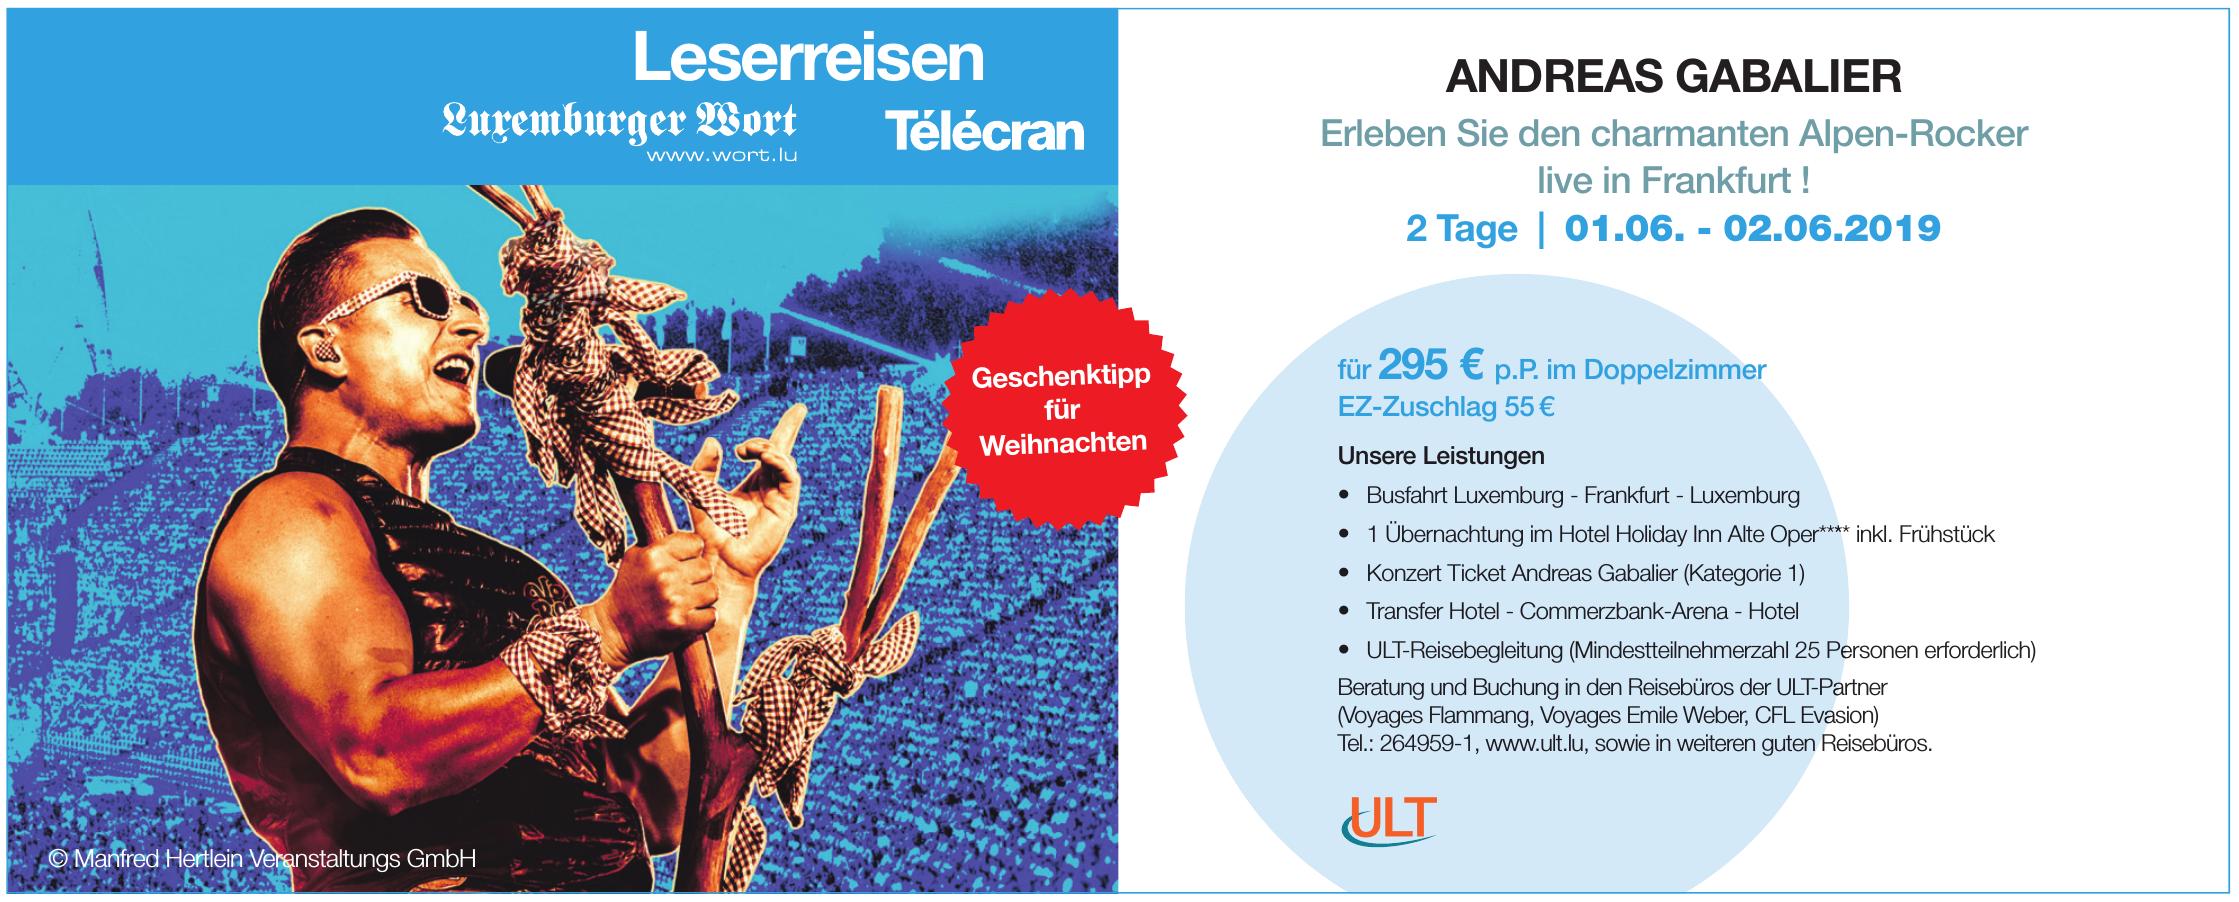 Manfred Hertlein Veranstaltungs GmbH